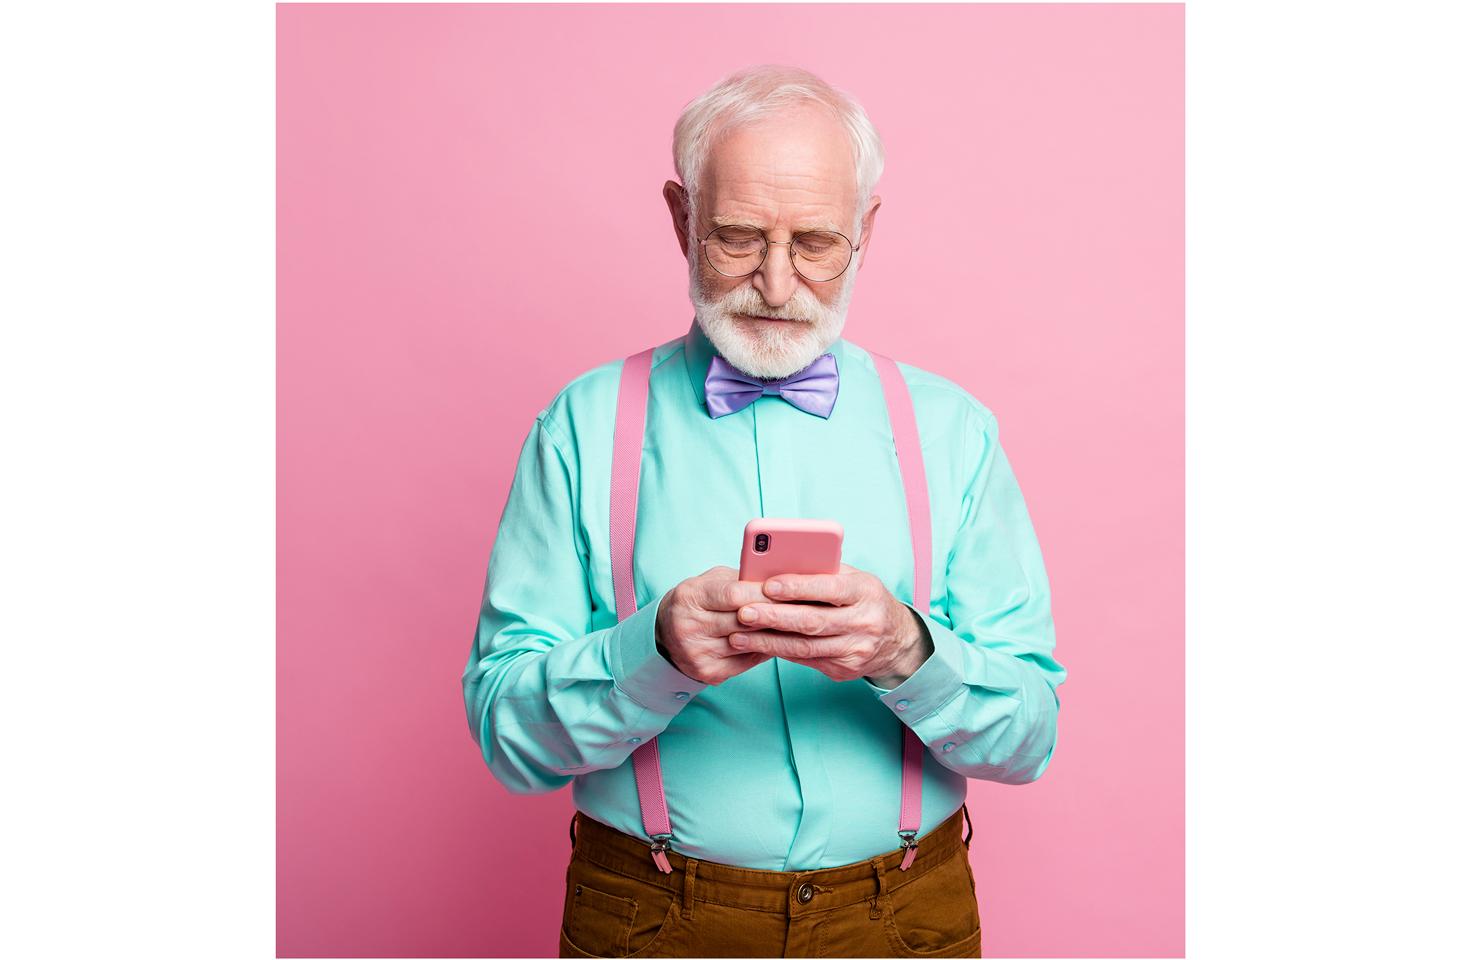 Appleデバイスでの「アプリのトラッキングの透明性」 | カスペルスキー公式ブログ